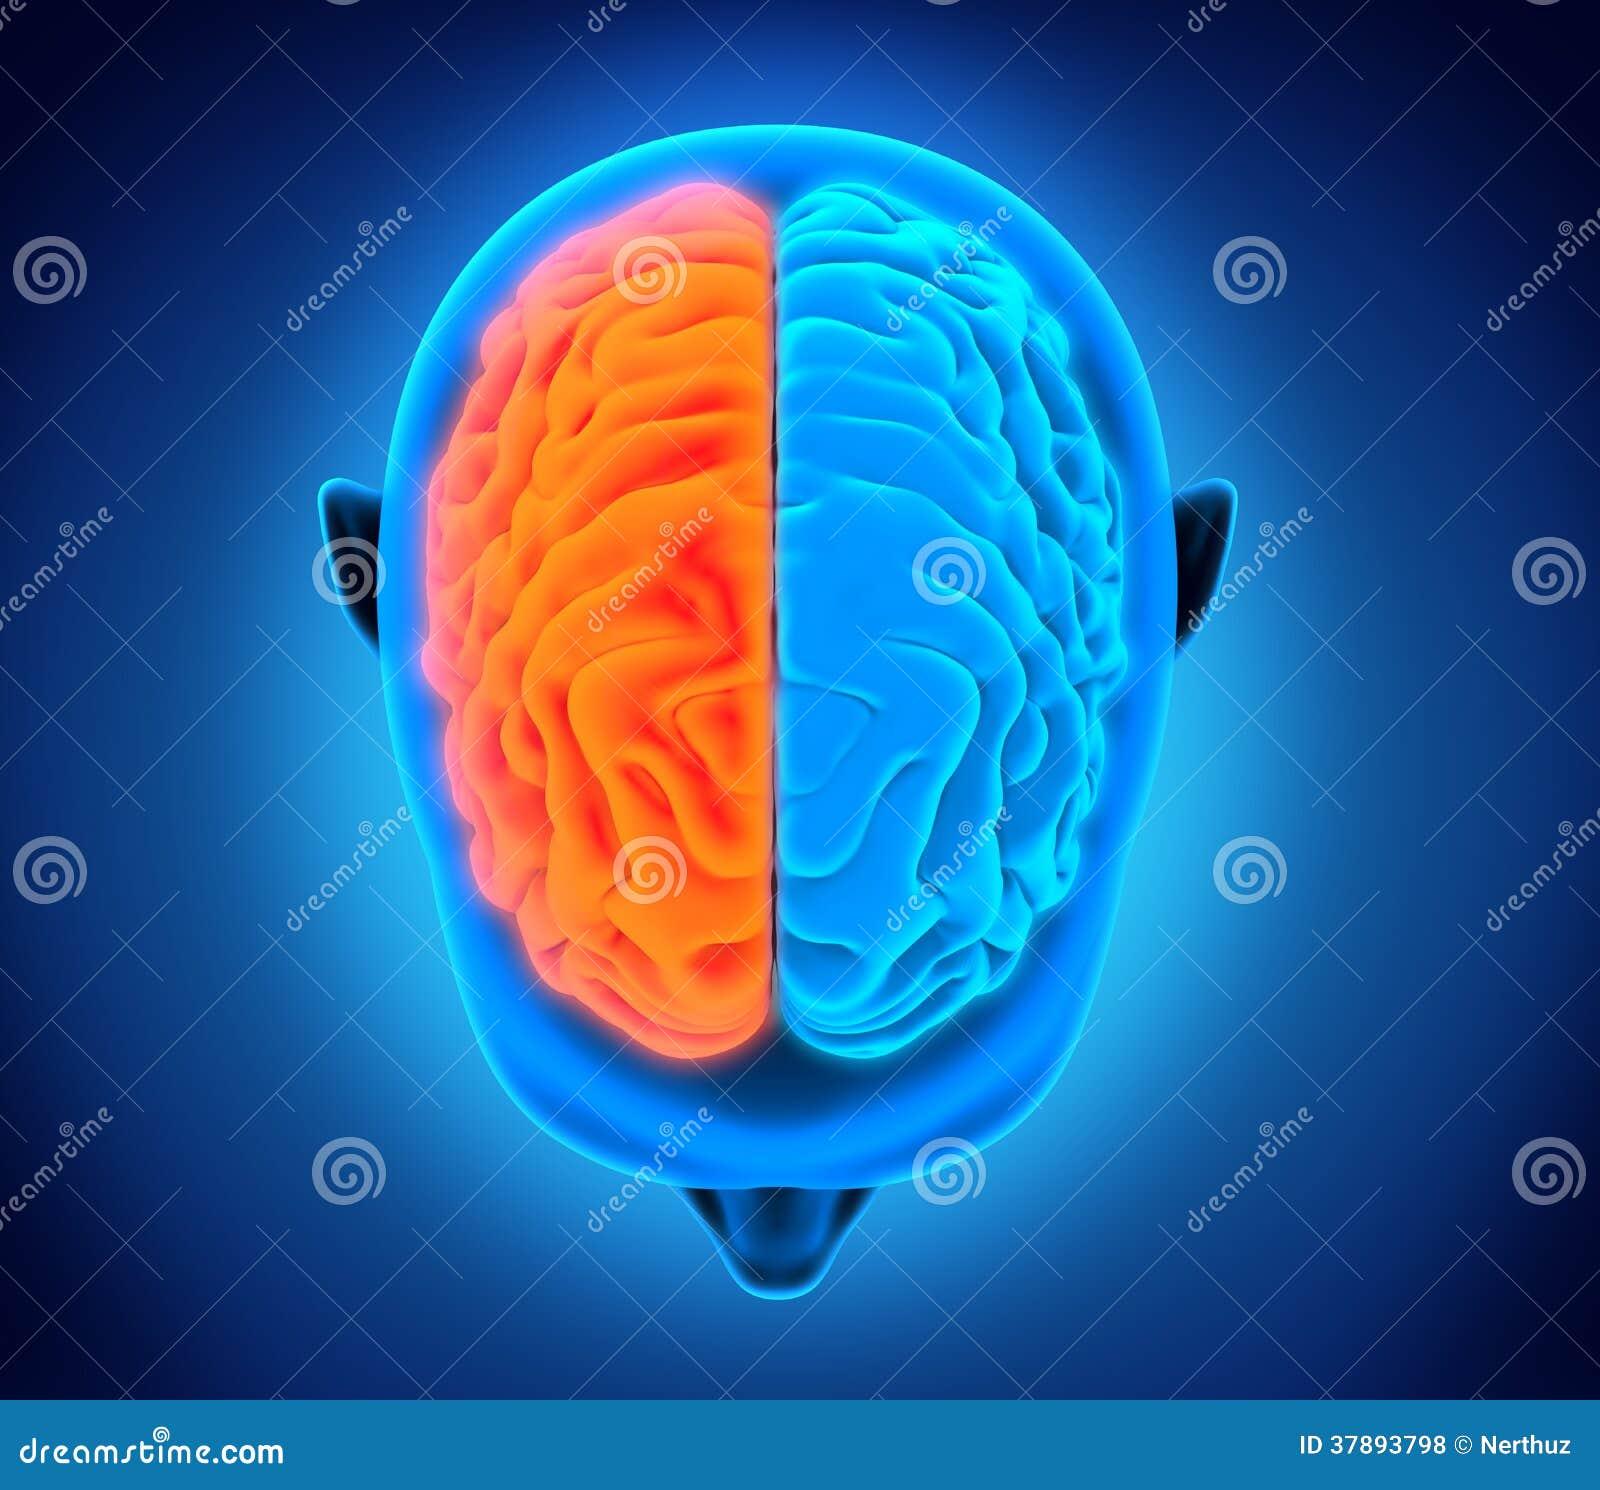 Cerebro humano izquierdo y derecho